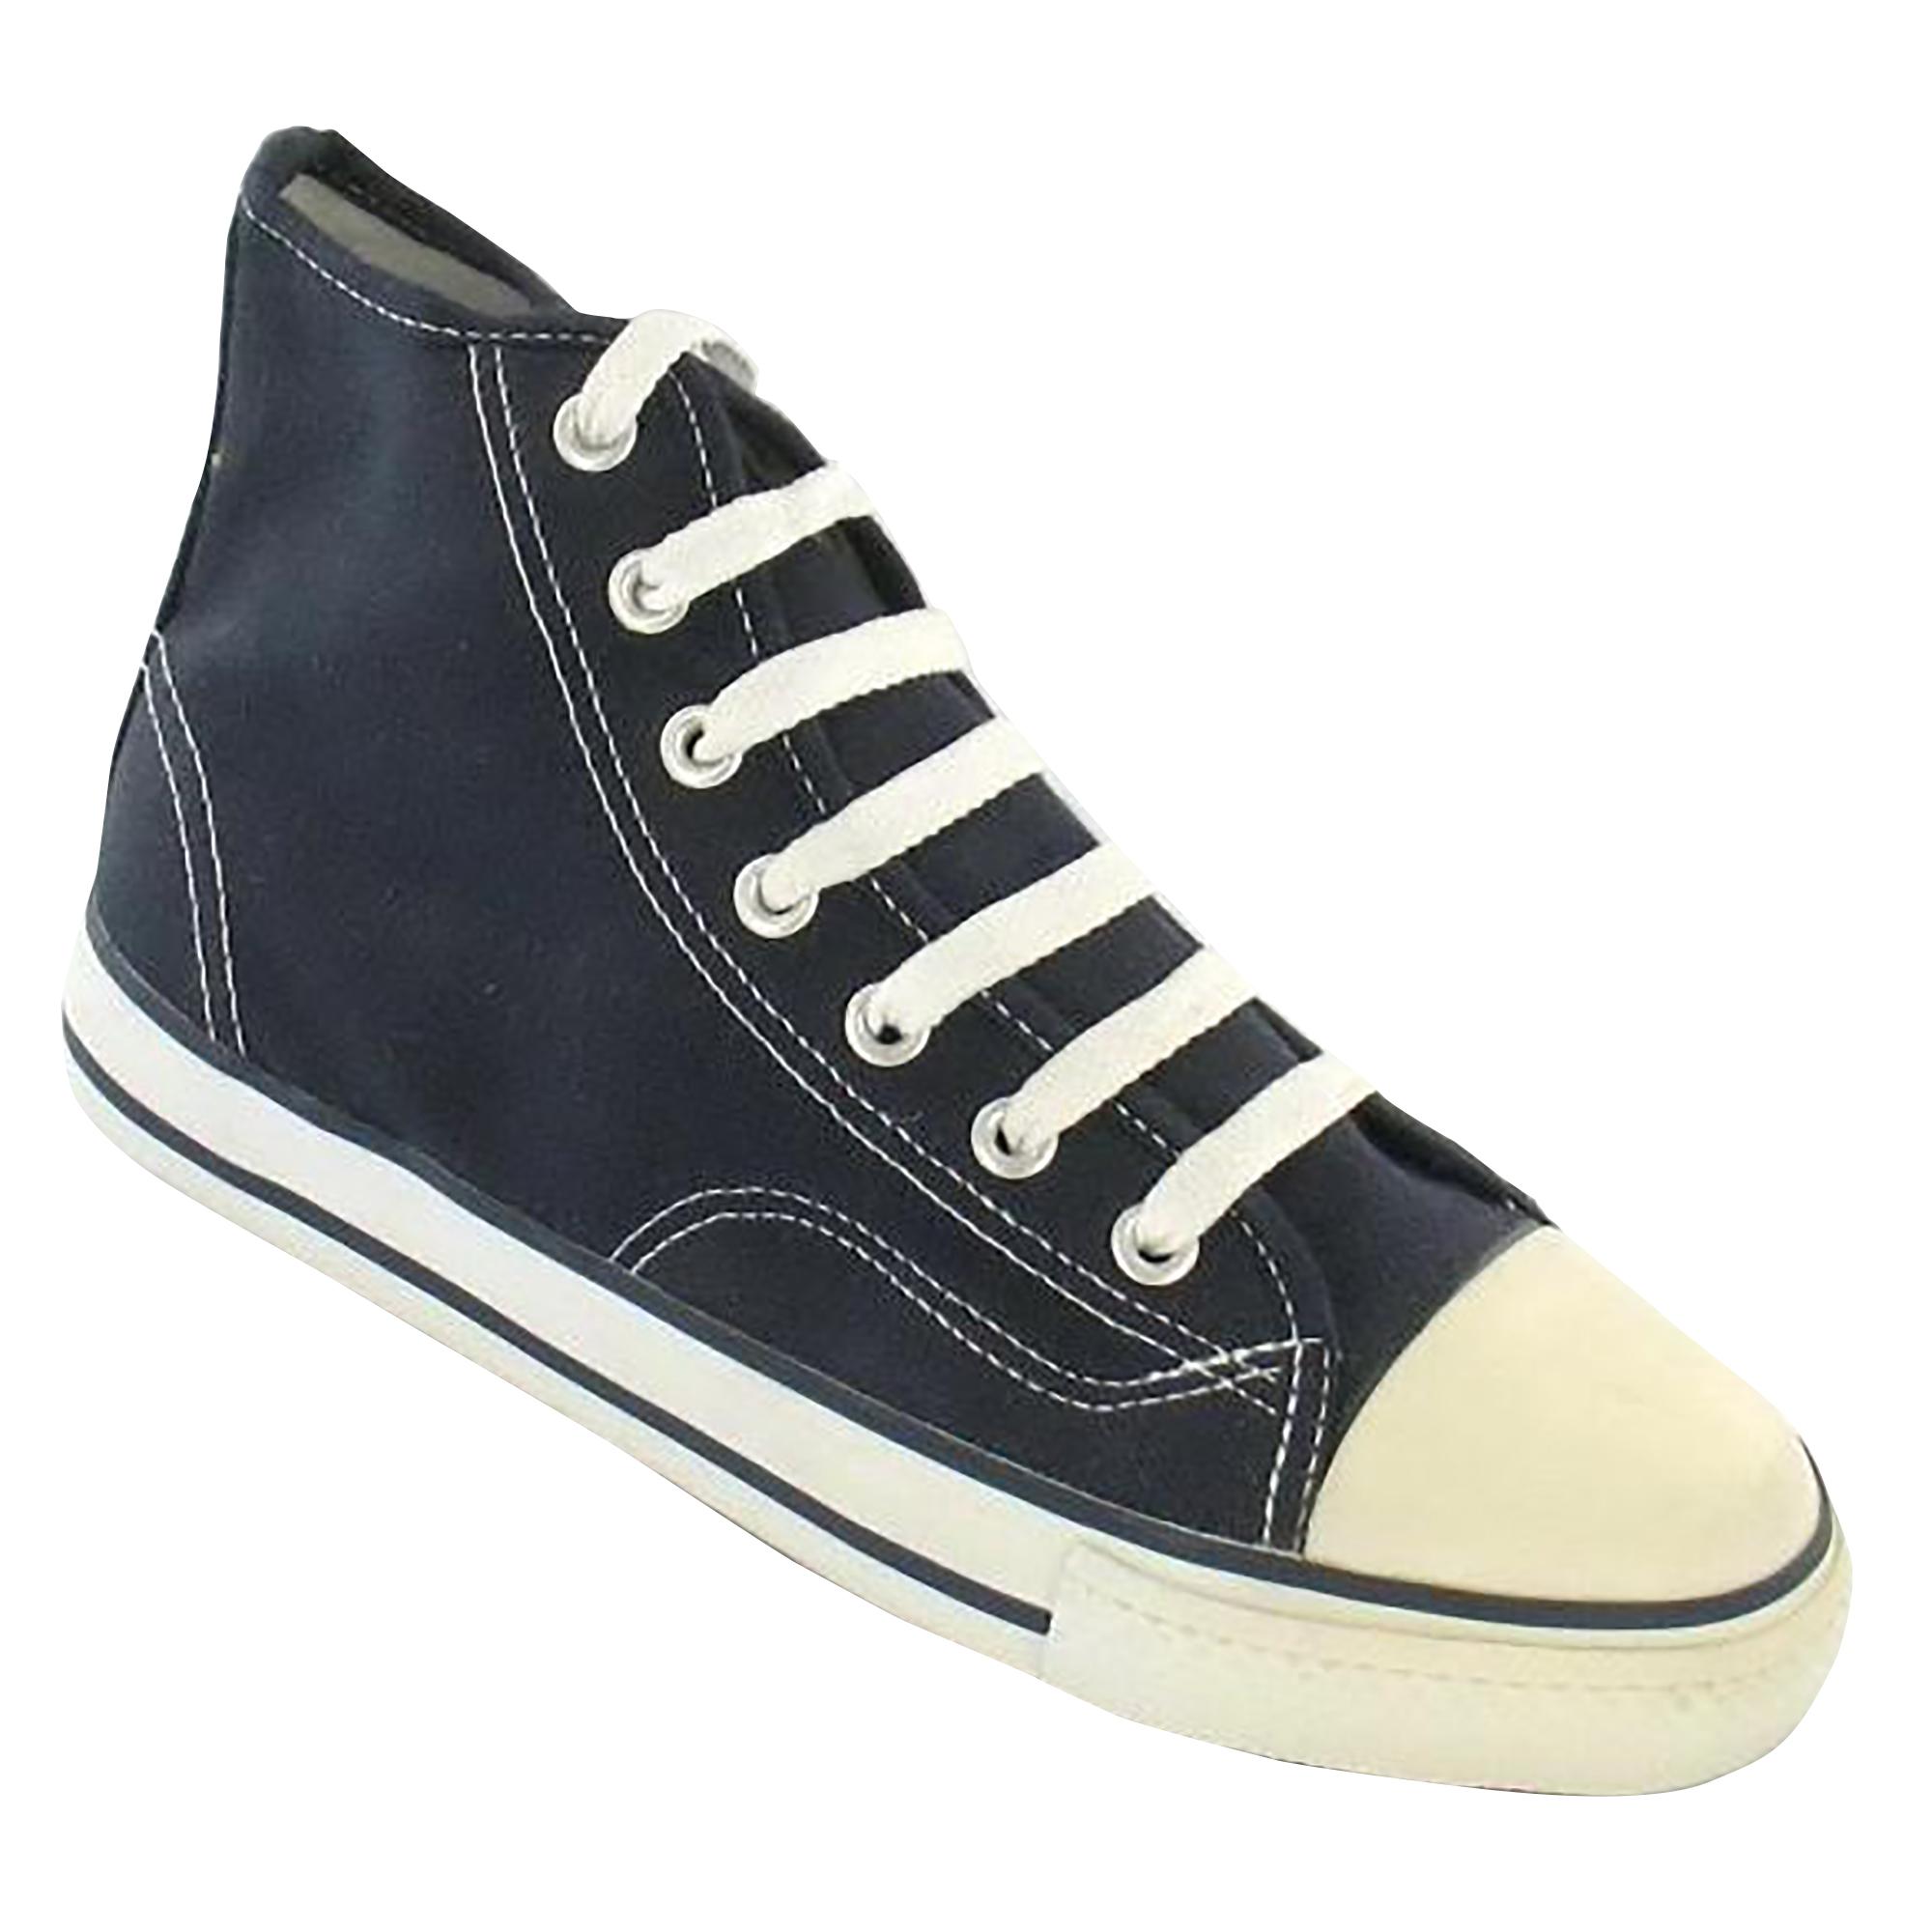 Spot-On-Chaussures-hautes-en-toile-Homme-KM565 miniature 9